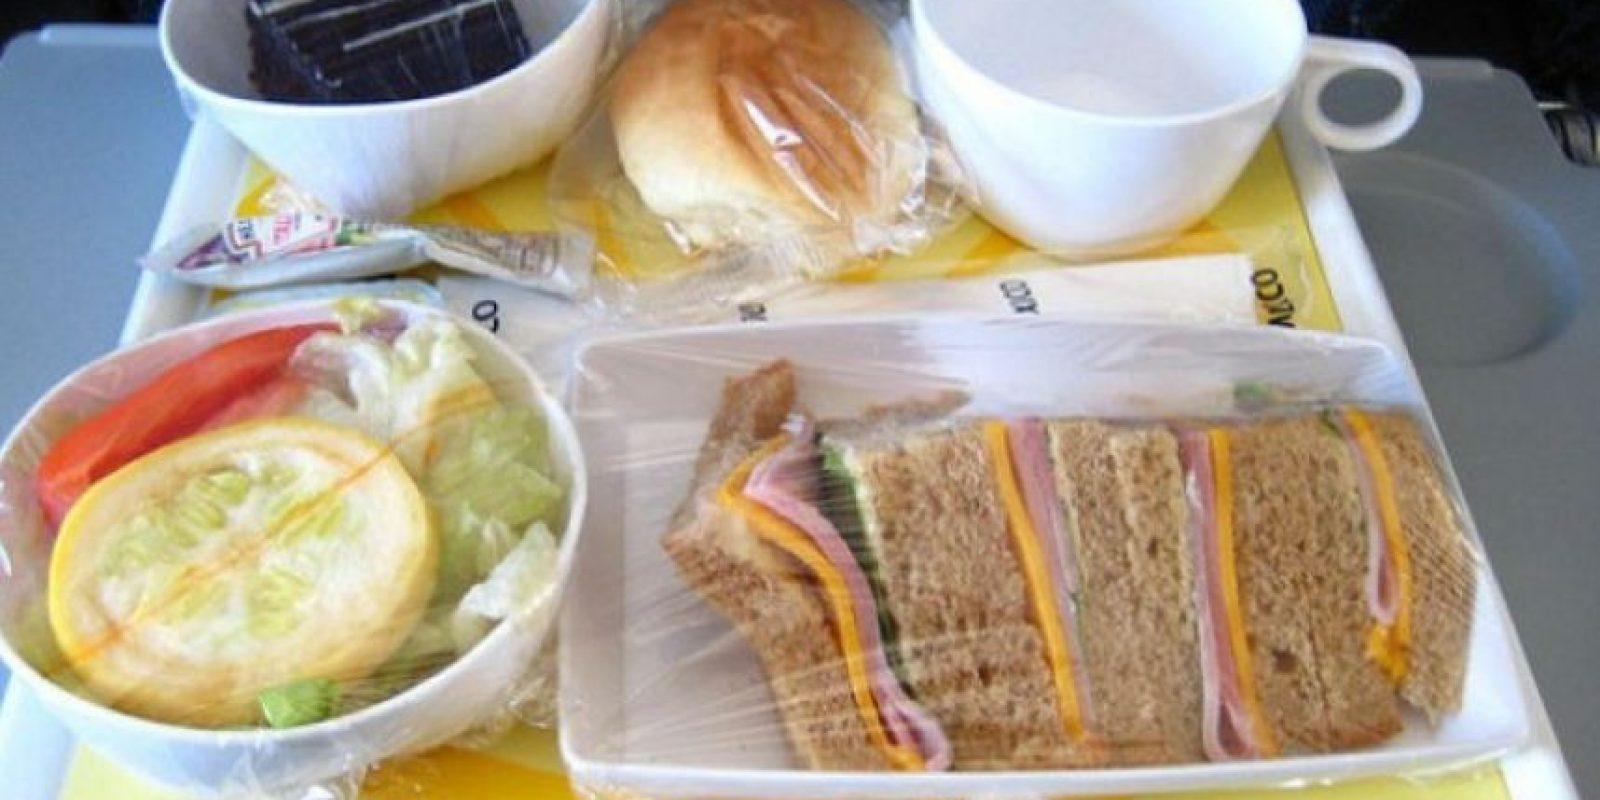 7. Desayuno de sándwich de jamón y queso, ensalada y pastel de chocolate como postre. Foto:Foto: Vía Flickr: 71926212@N00 /Creative Commons